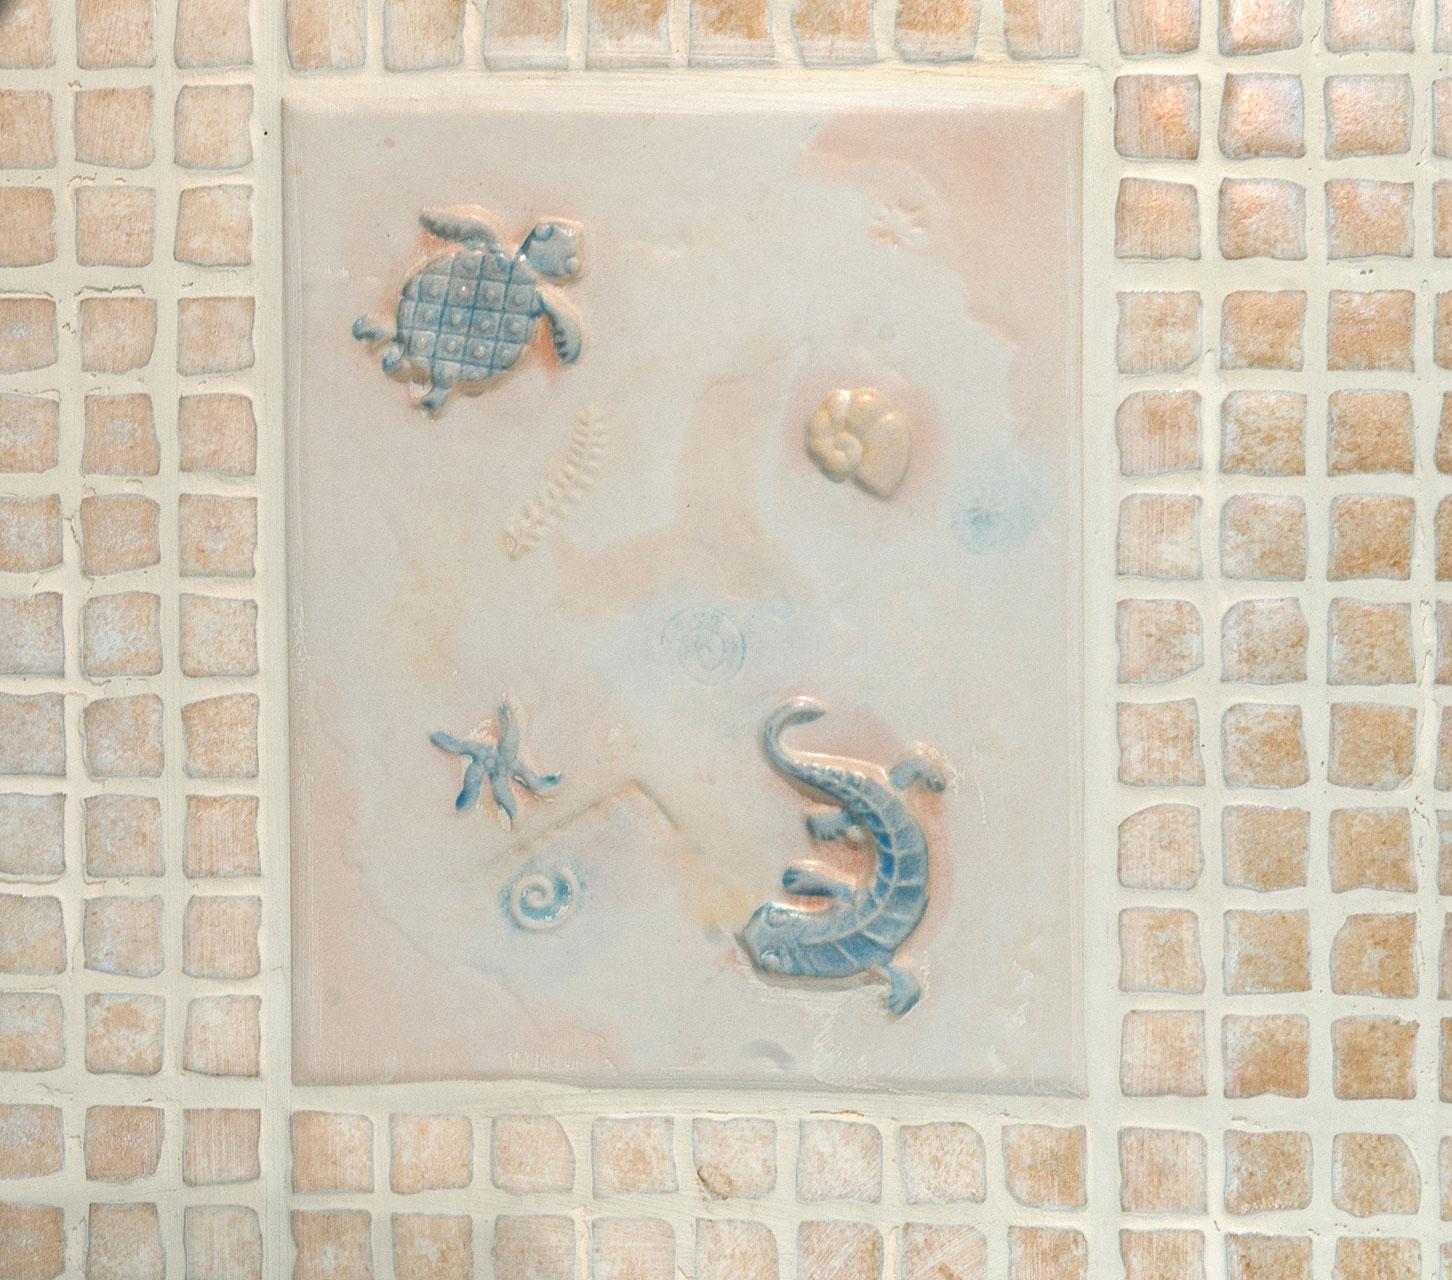 Suihkutilan merihenkiset seinälaatat ovat Villeroy & Bochin ja hankittu jo paljon ennen talon rakentamista. Laatat inspiroivat muuta sisustusta.